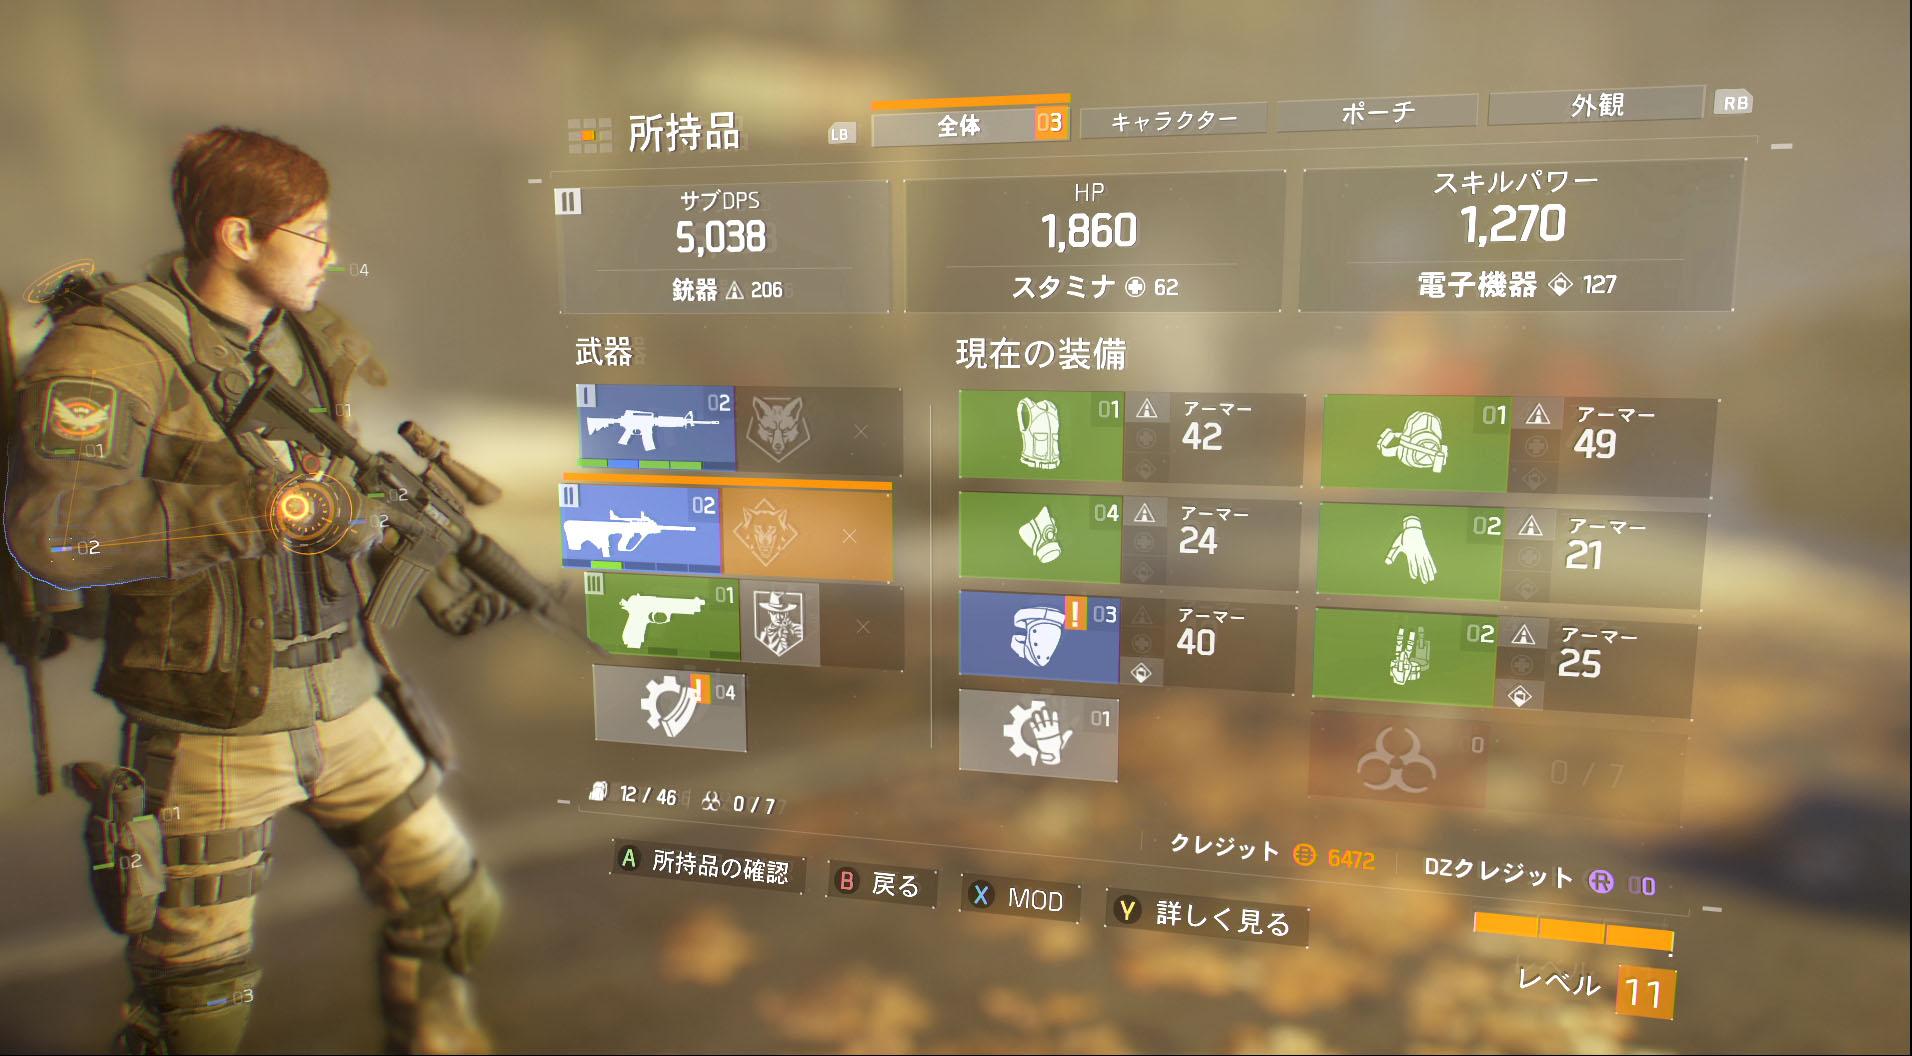 様々な武器を入手し、装備を調えていく。パーティの構成に合わせ、スキルを変えていくのもいいだろう